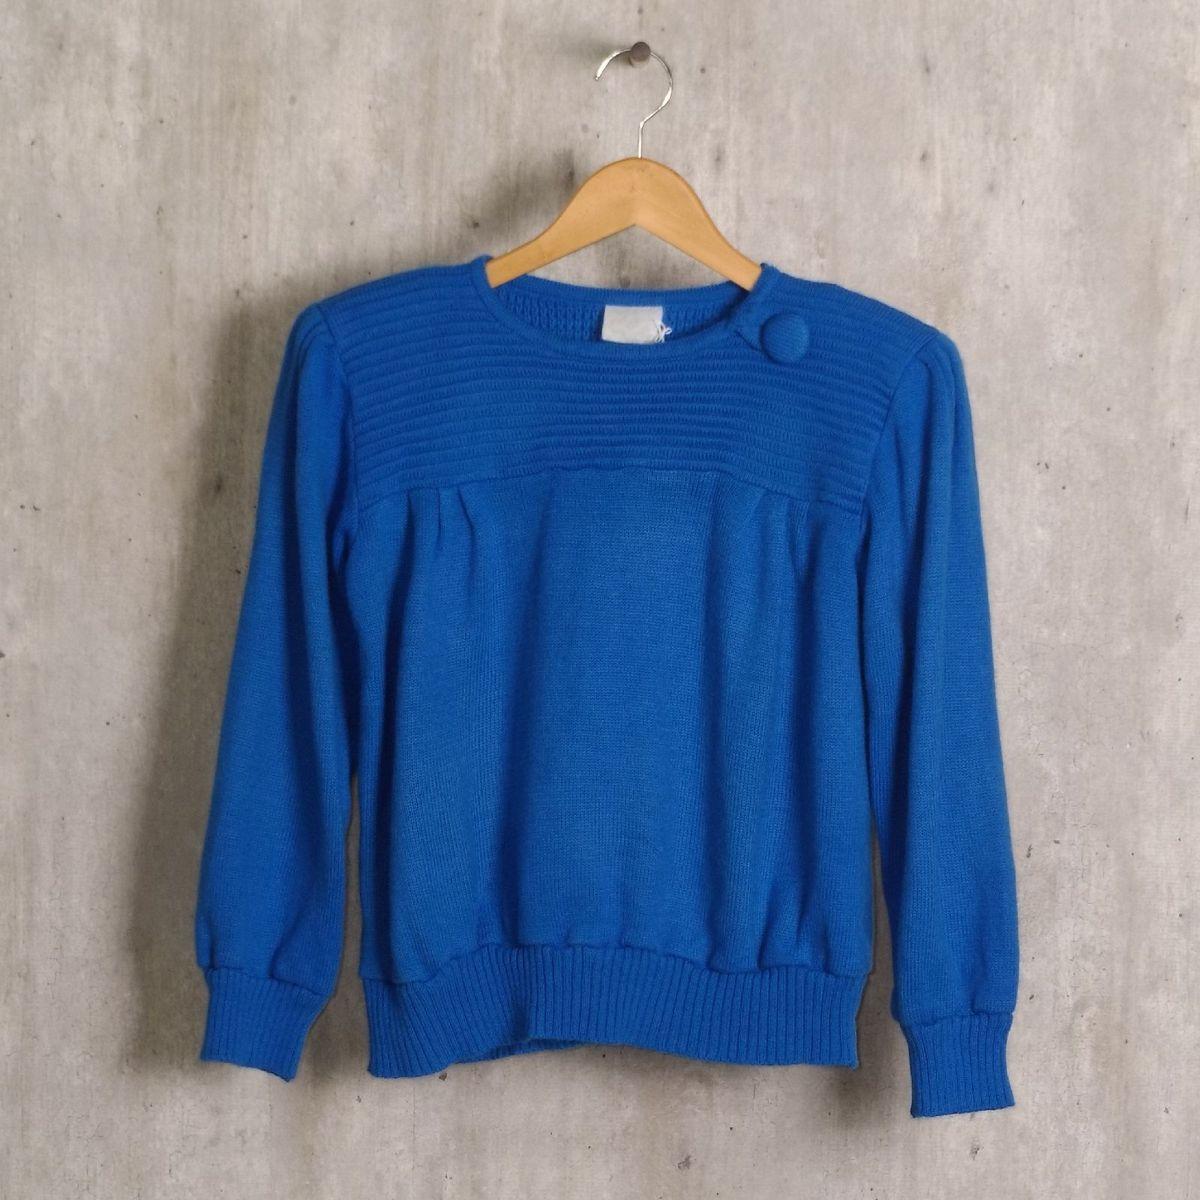 conjunto azul em tricô - saias sem marca